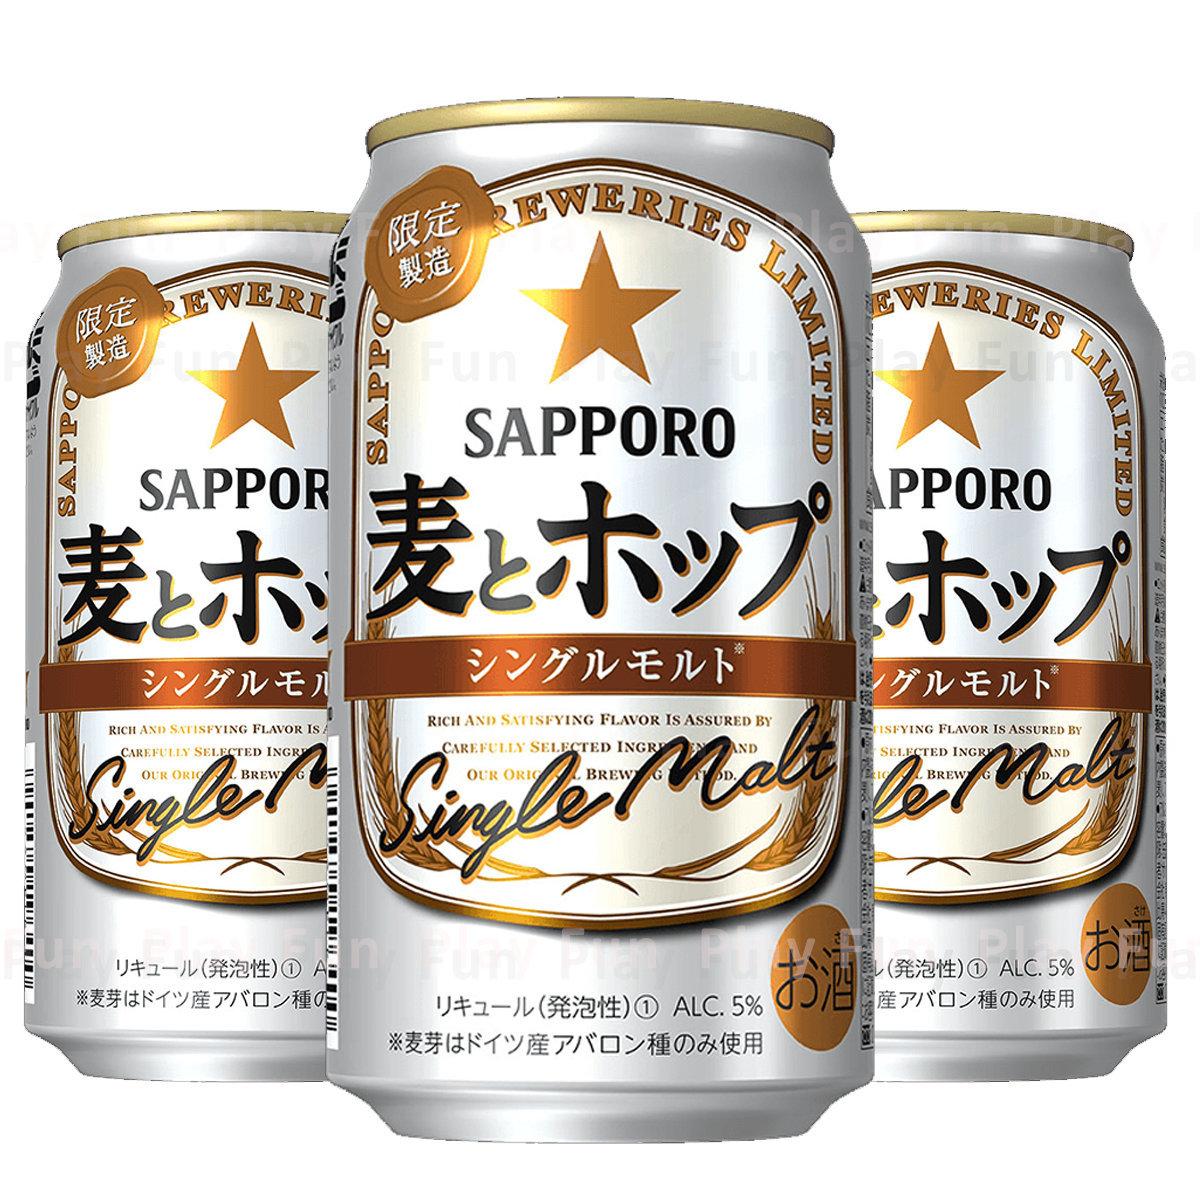 單一麥芽啤酒 350mL x 3罐  (4901880896249_3)